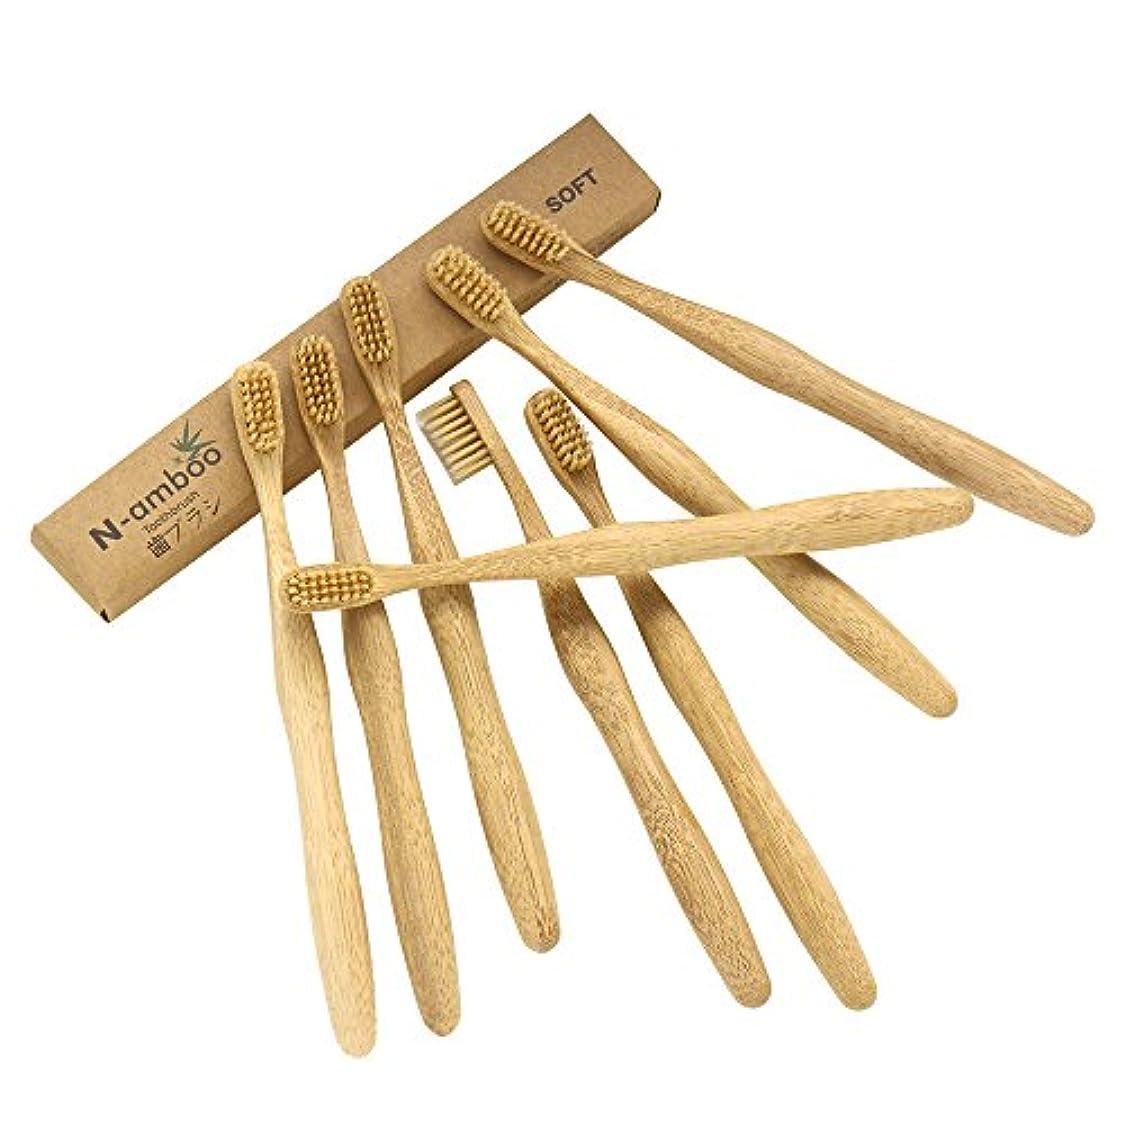 おもしろい幅みなさんN-amboo 竹製耐久度高い 歯ブラシ ベージュ 8本入り セット